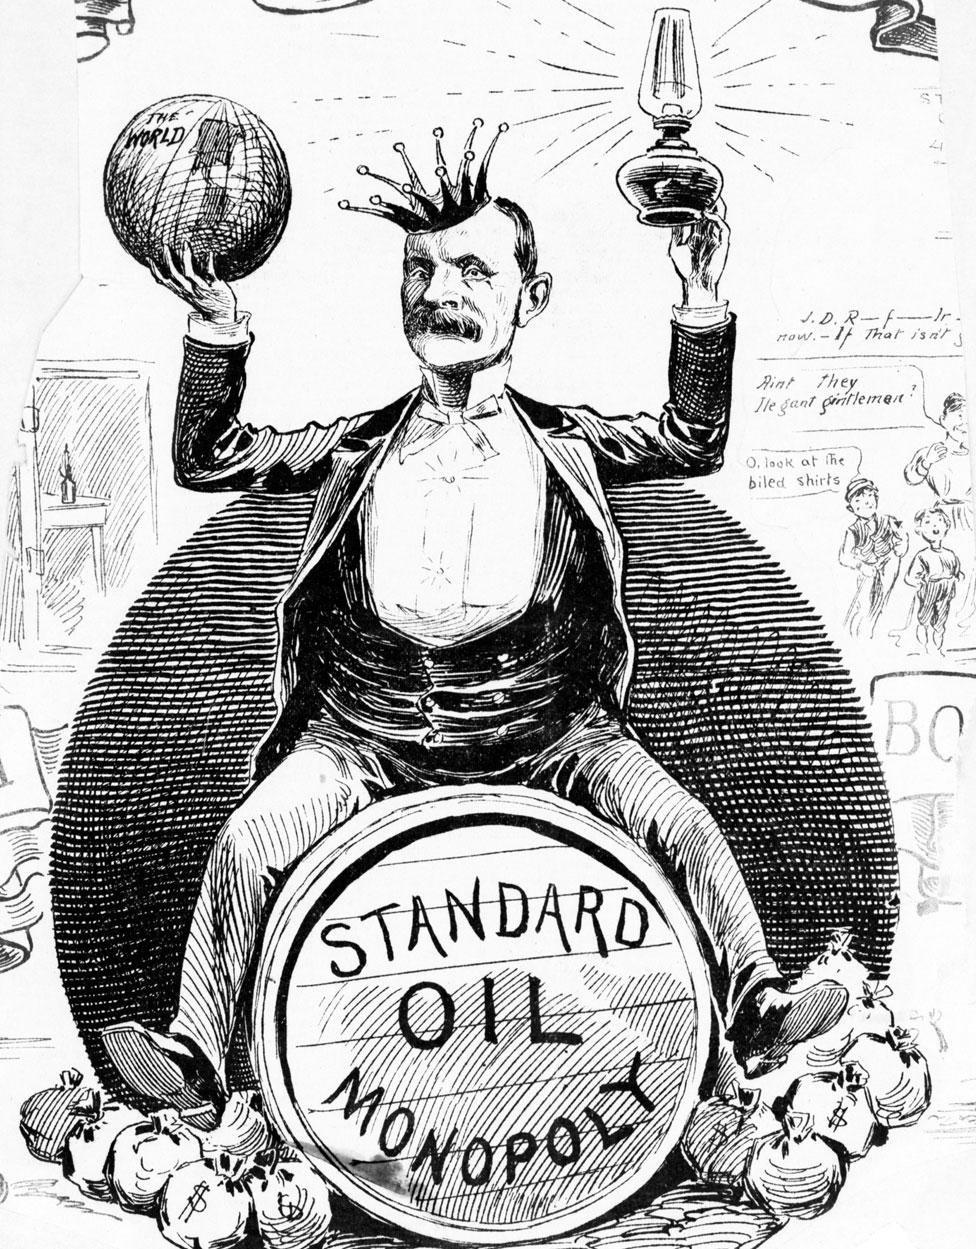 Caricatura de Rockefeller como un rey sentado sobre un barril de petróleo de Standard Oil